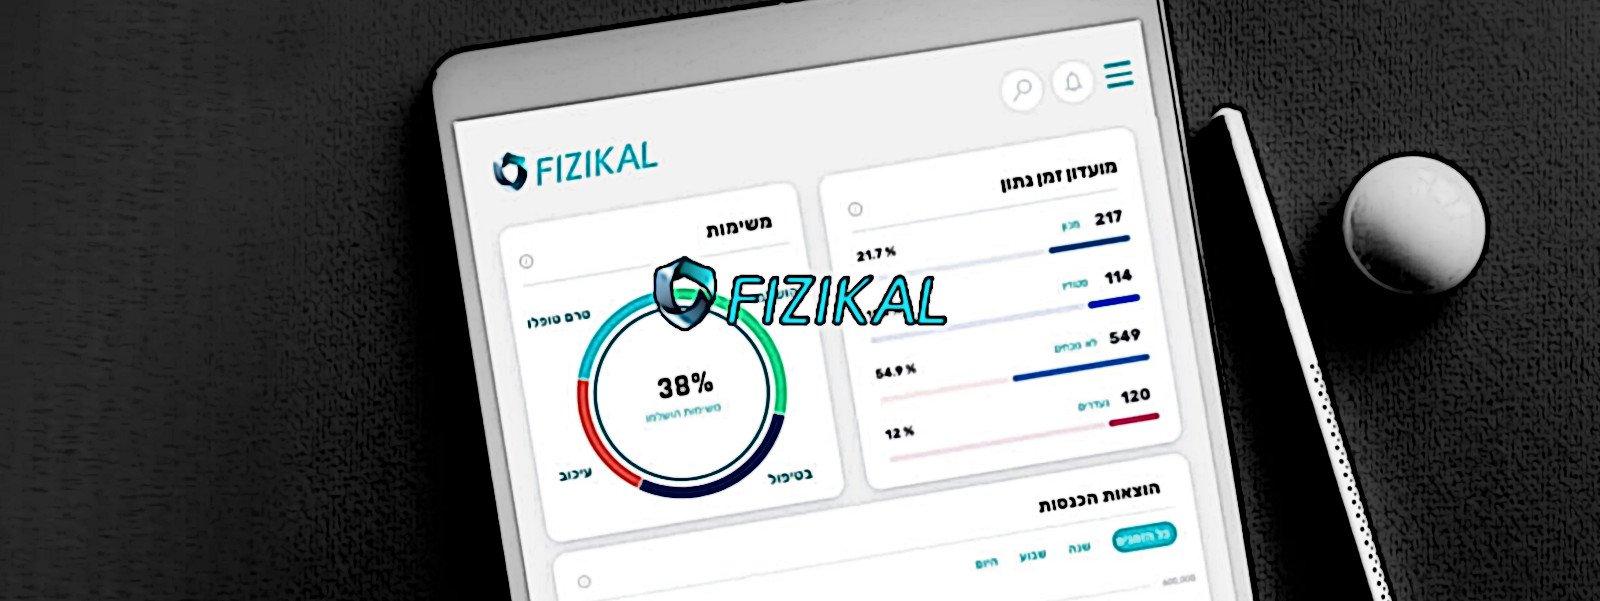 La piattaforma di gestione delle app della palestra ha esposto le informazioni di migliaia di utenti